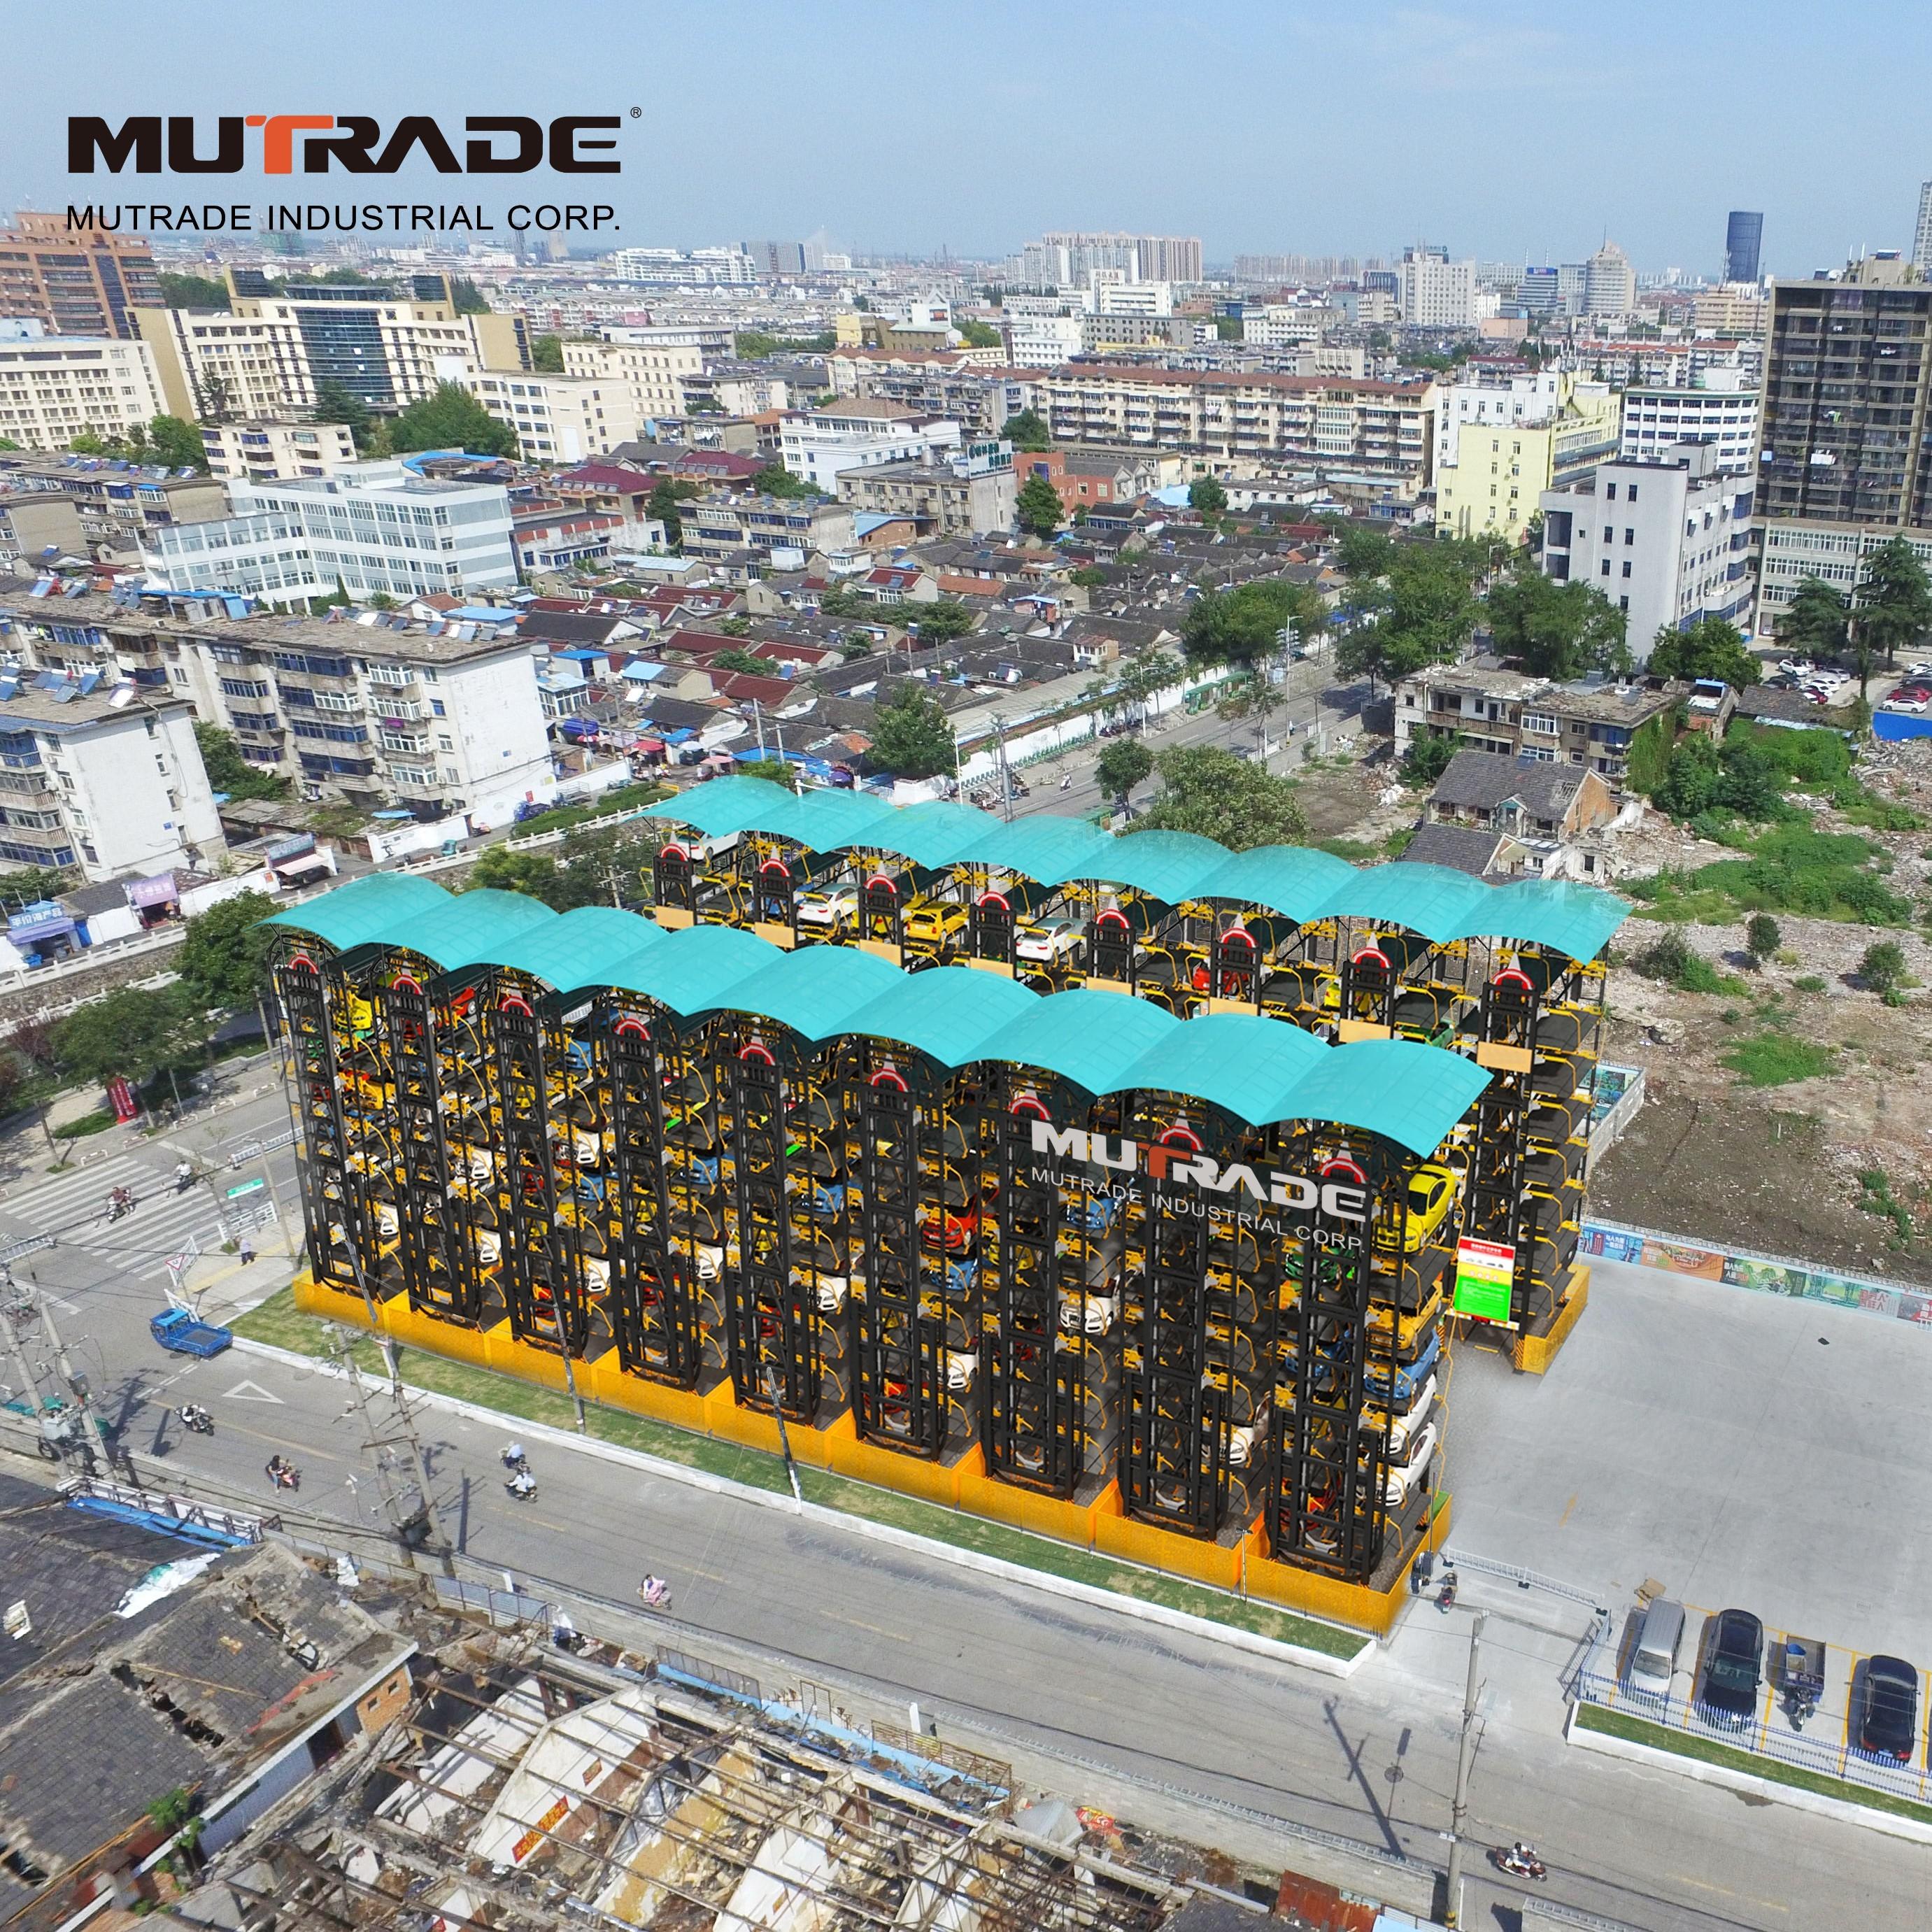 multilevel parking system